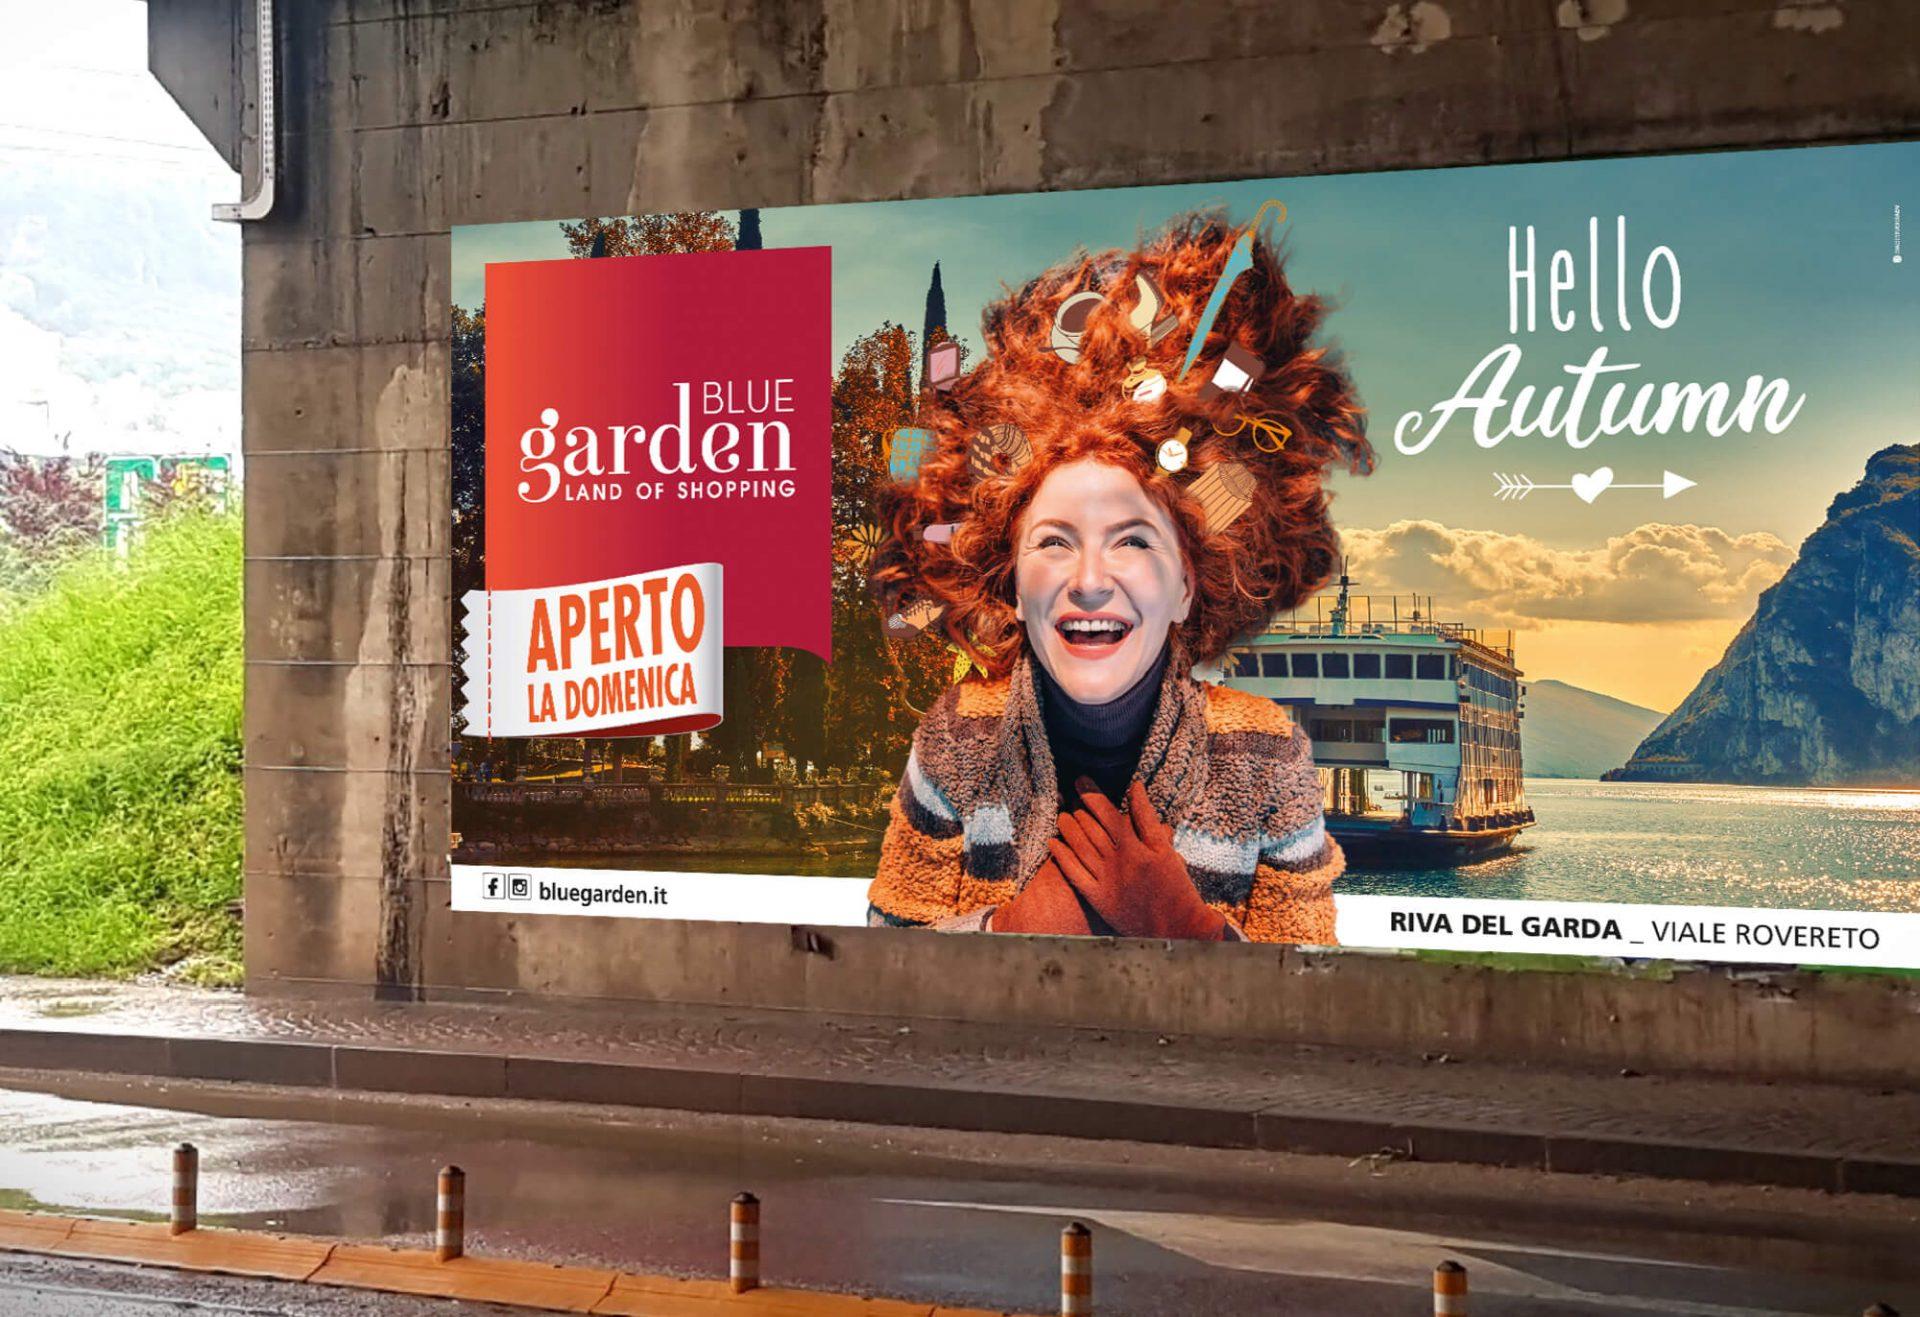 progetto maxiposter stradale per la campagna autunnale del centro commerciale blue garden riva del garda, progettato dalla agenzia di pubblicità diadestudio arco di trento